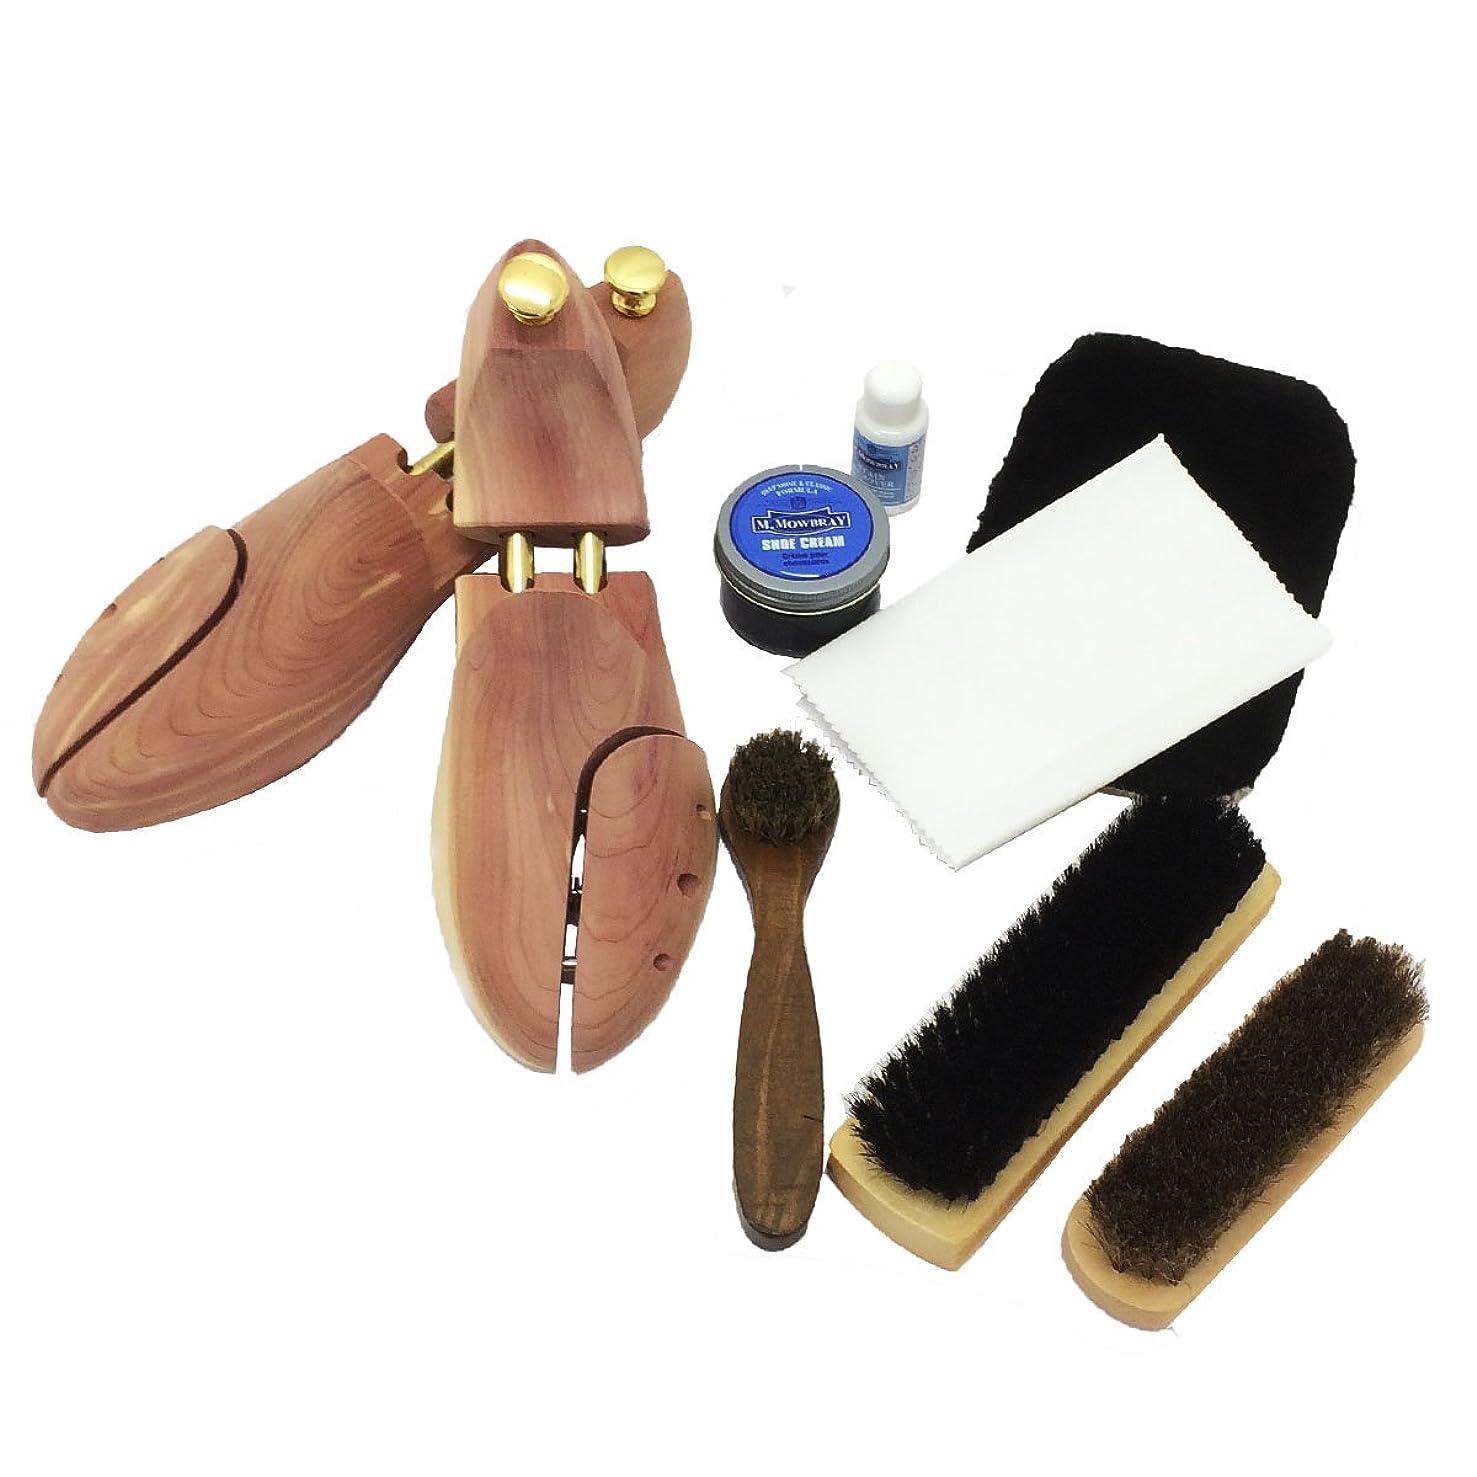 トーナメントコショウあいまいさ[ワイアールエムエス] シューケア用品 M.モゥブレィセット 靴磨き シューツリー付 フルセット 靴のケアに最適のアイテム満載 靴のお手入れに 靴クリーム ブラック